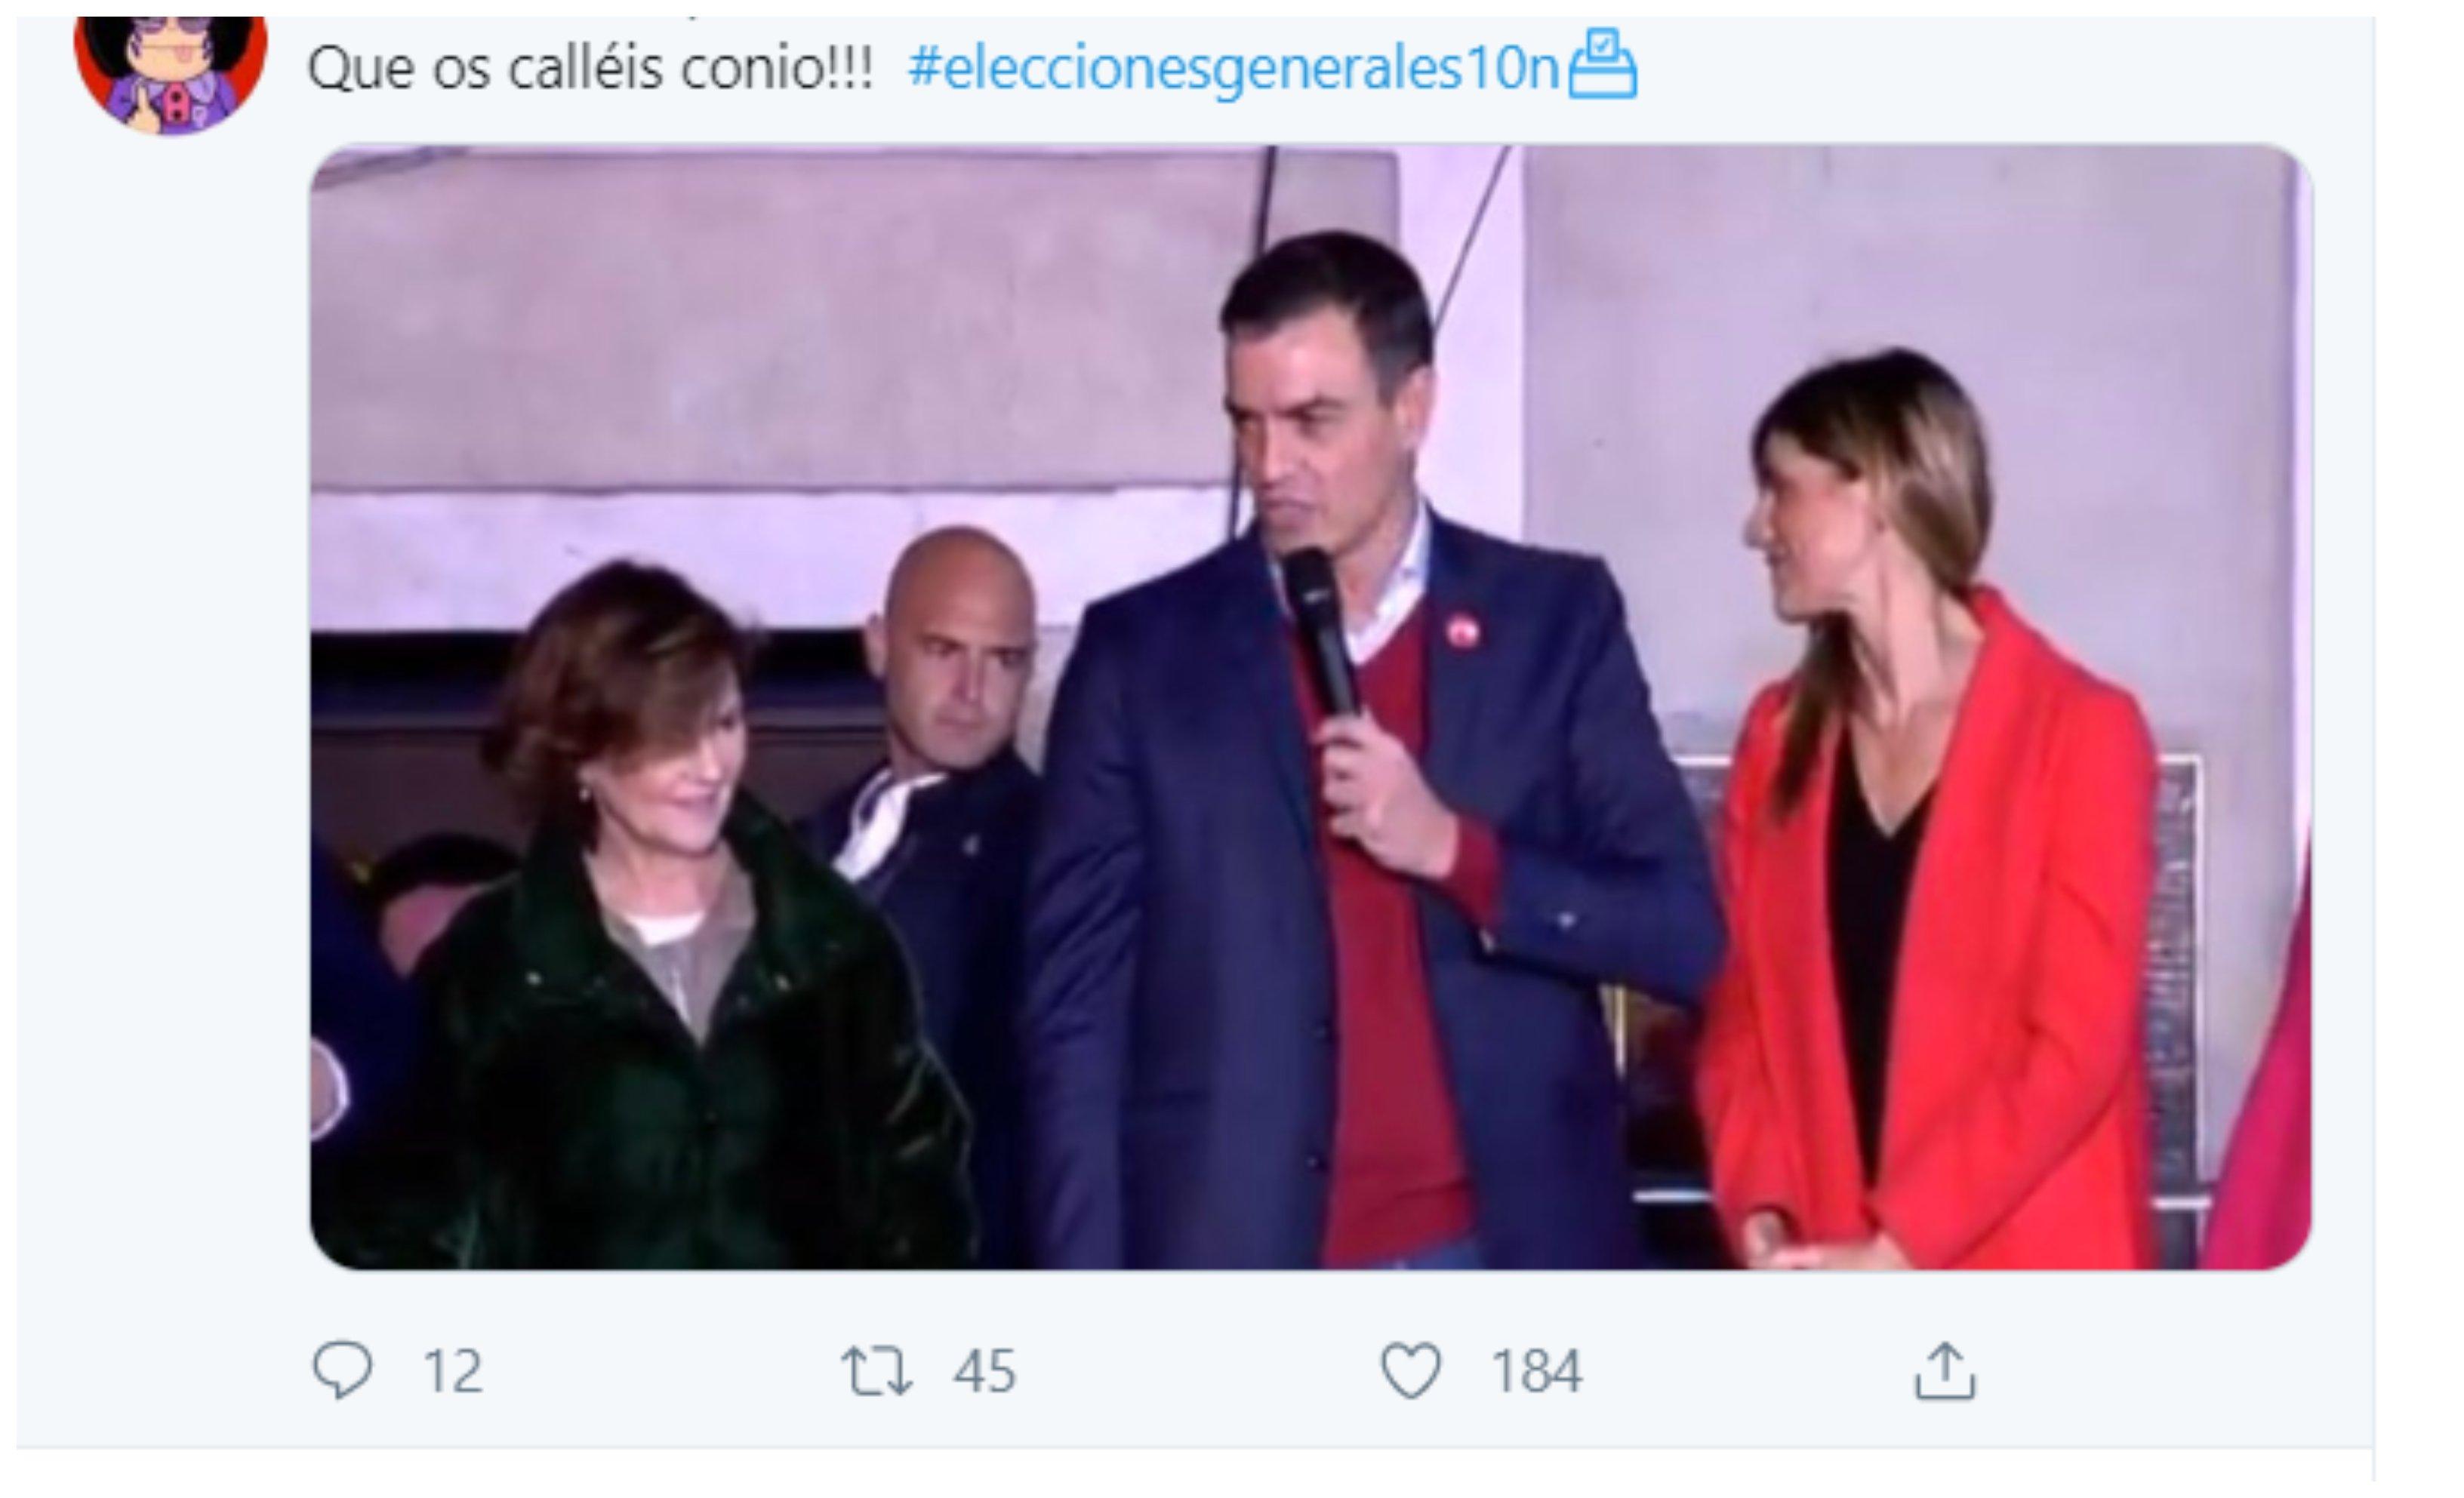 La soberbia de Pedro Sánchez nos lleva al enfrentamiento civil